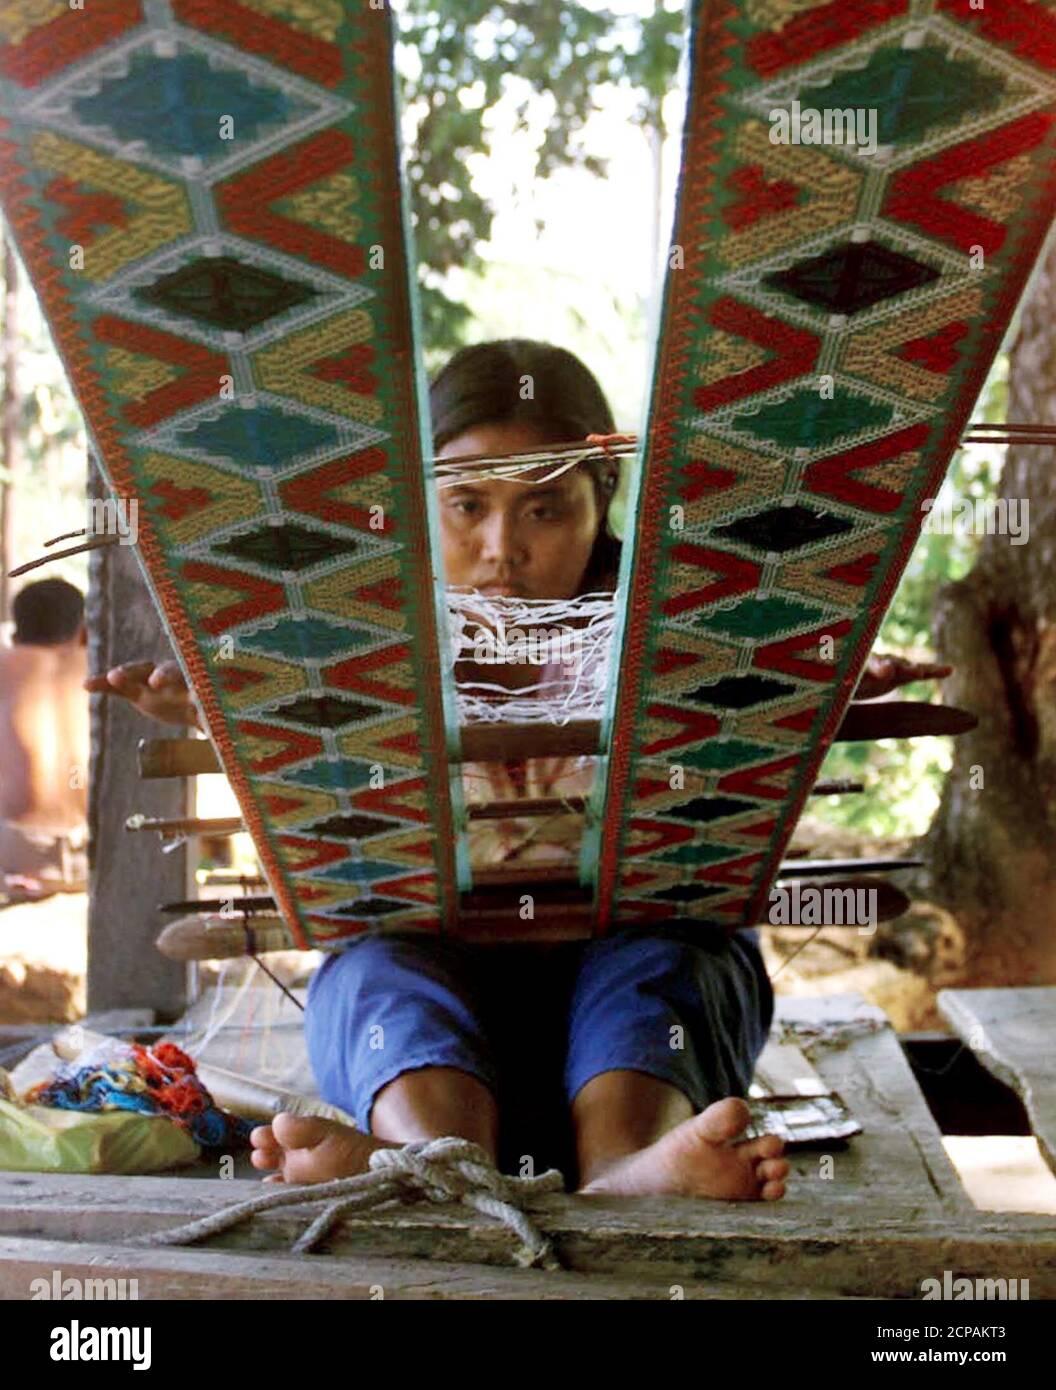 """La tribesfemme philippine Ida Jamaani, 20 ans, délasse un tissu Yakan pour servir de taupe de prêtre au village de tissage Yakan dans la ville de Zamboanga, dans le sud des Philippines le 1er août 2000. Le village de tissage de Yakan a été une attraction touristique à Zamboanga, populaire pour ses tissus, mais le propriétaire dit """"que l'enlèvement de touristes rampant dans toute Mindanao a coûté une vente à faible profit"""". Au moins 29 ressortissants étrangers pour la plupart sont encore pris en otage par le extrémiste musulman Abu Sayyaf dans leur cachette de Patikul, île de Sulu, dans le sud des Philippines. RR/HL Banque D'Images"""